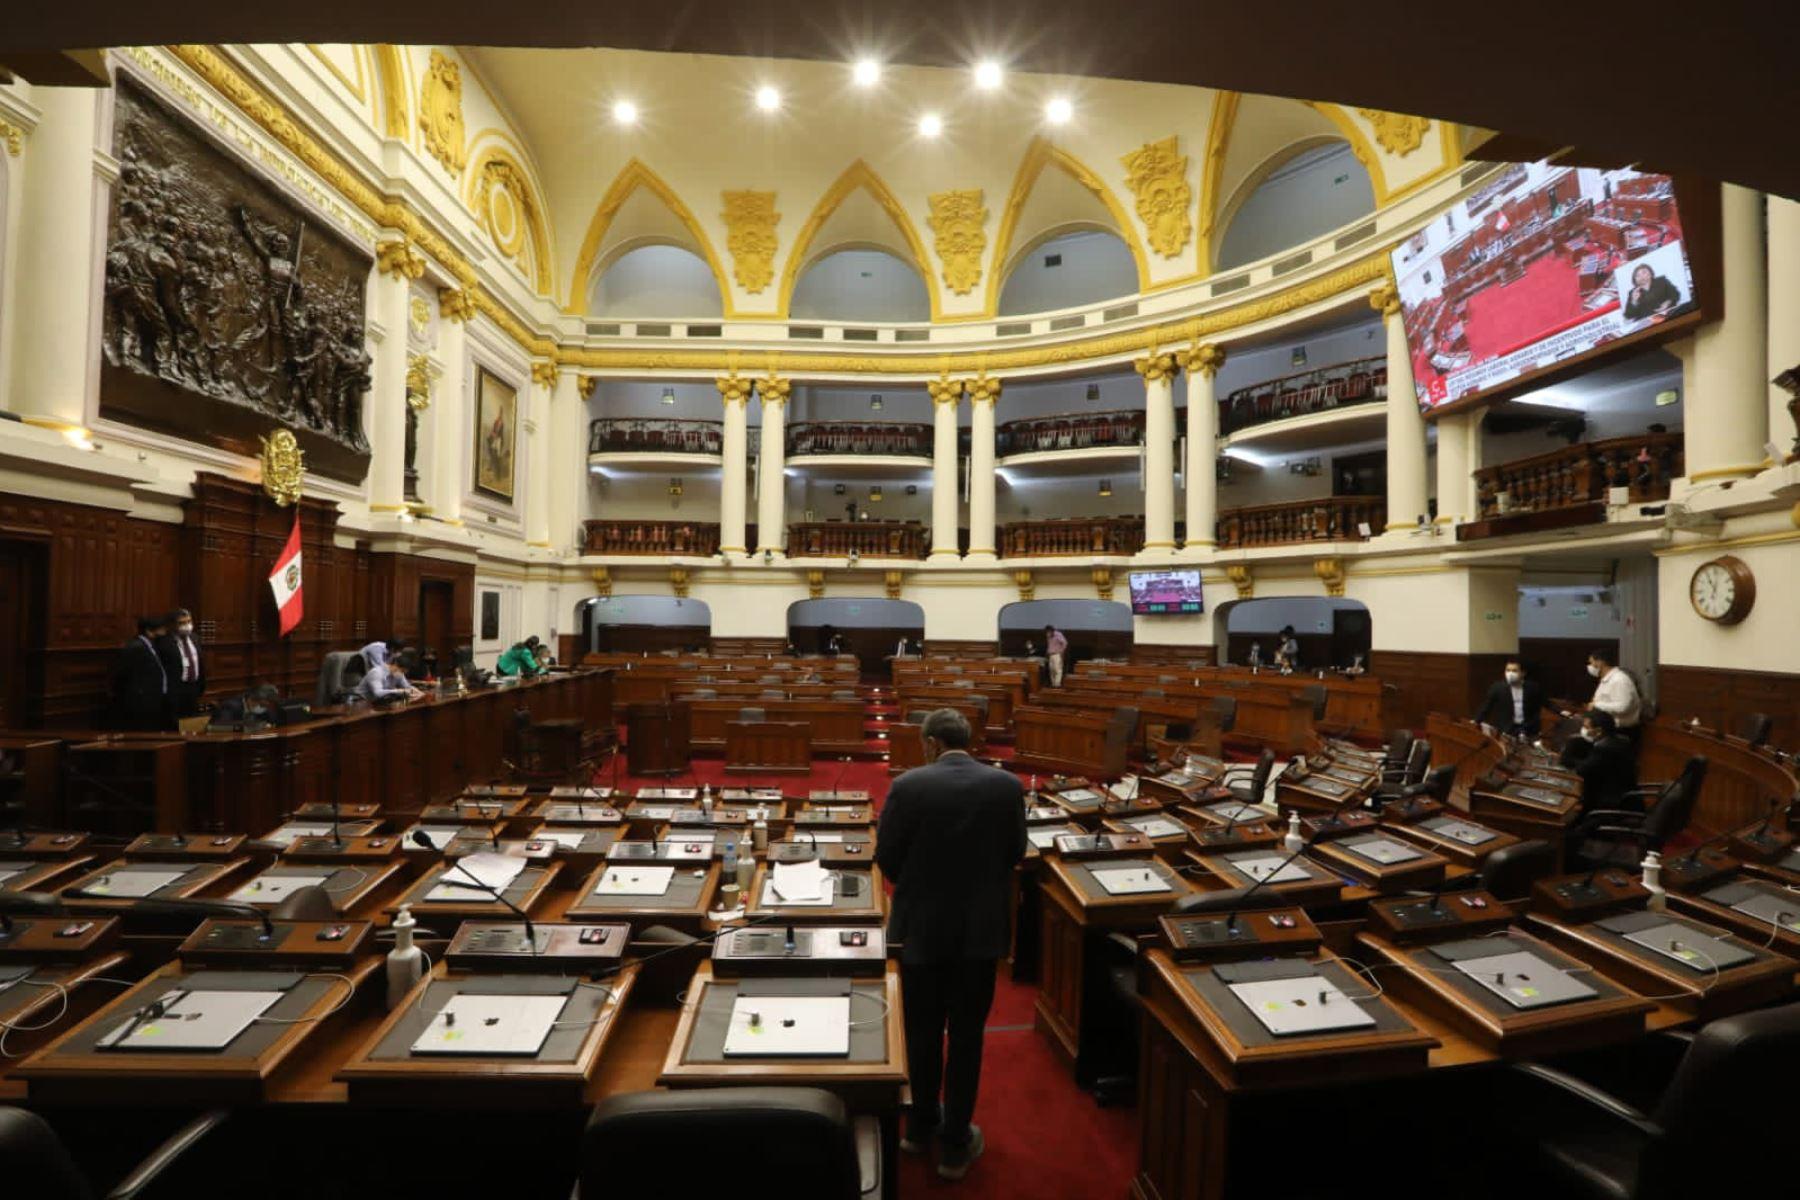 congreso-pleno-extraordinario-sesiona-hoy-desde-las-1100-horas